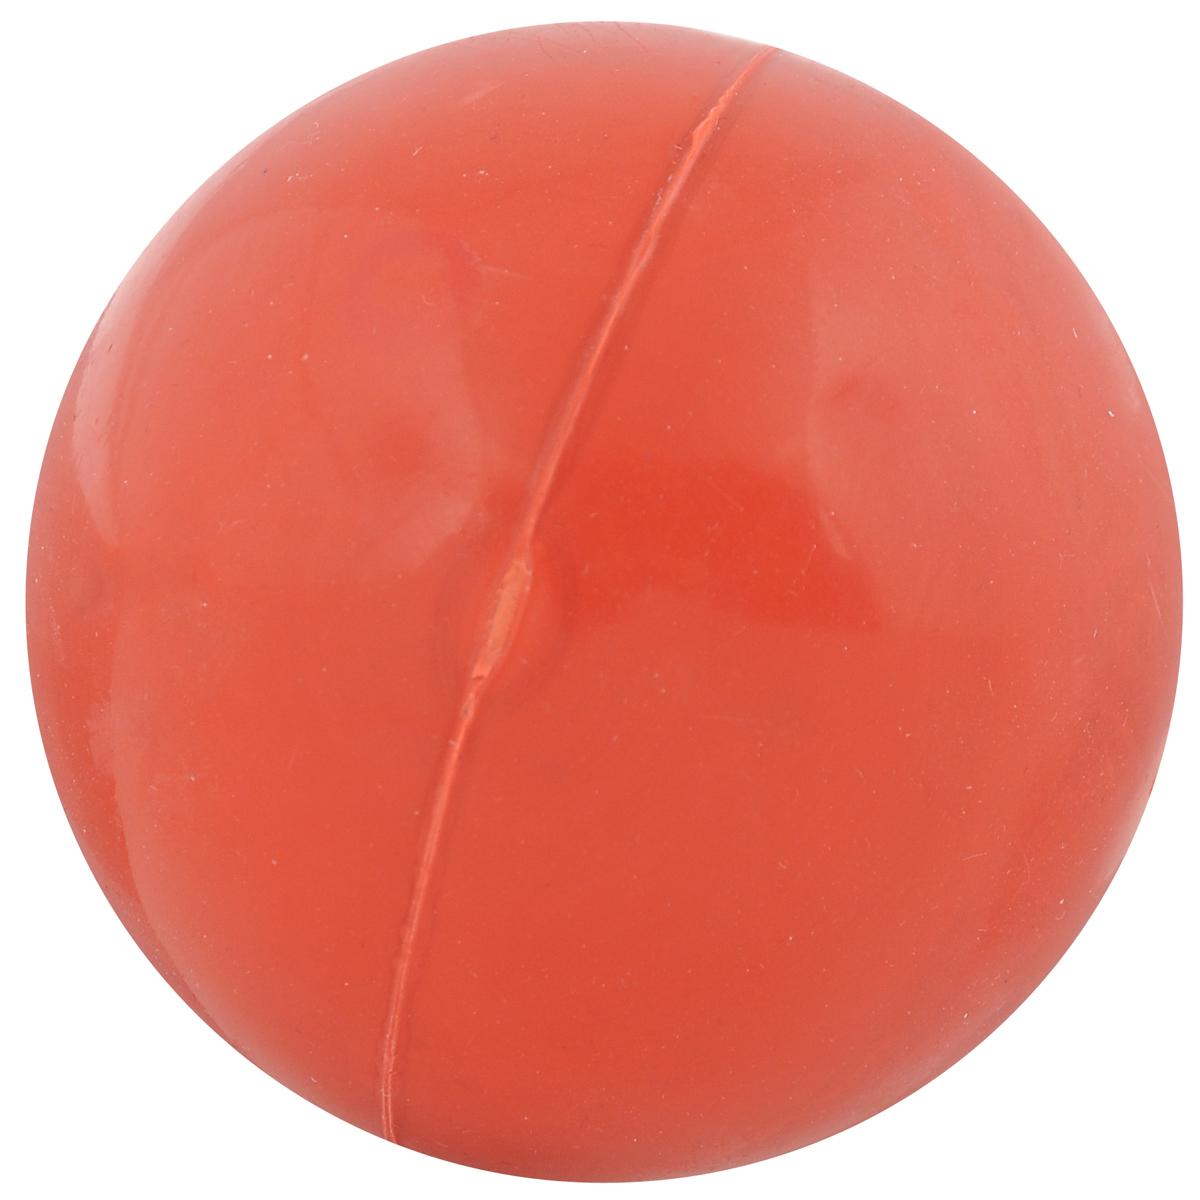 Игрушка для собак I.P.T.S. Мяч, цвет: красный, диаметр 9 см16358/625505Игрушка для собак I.P.T.S. Мяч изготовлена из прочной цветной литой резины. Предназначена для игр с собакой любого возраста. Такая игрушка привлечет внимание вашего любимца и не оставит его равнодушным. Диаметр: 9 см.